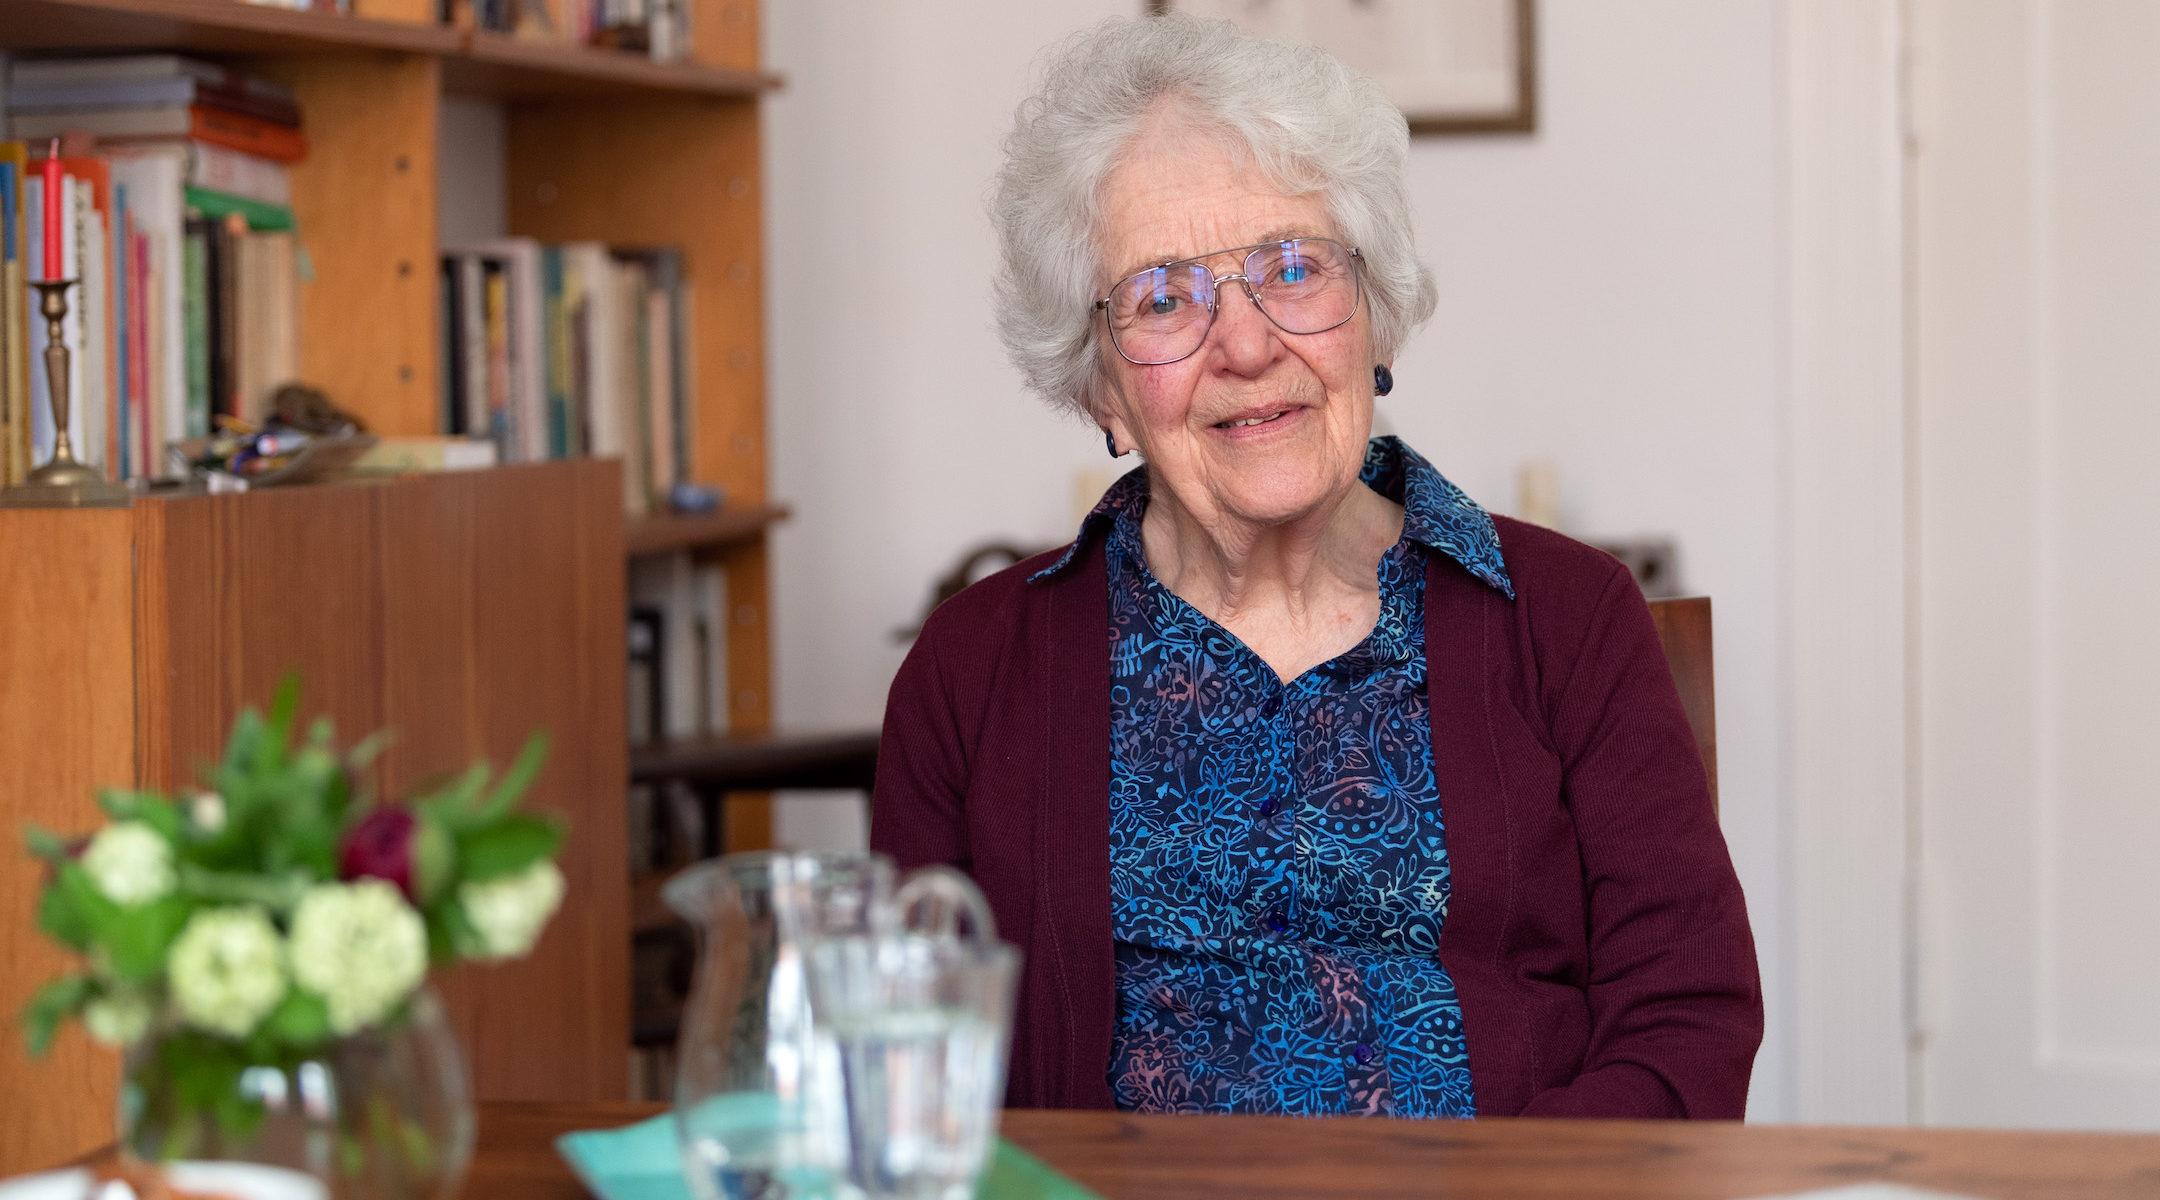 Laureen Nussbaum